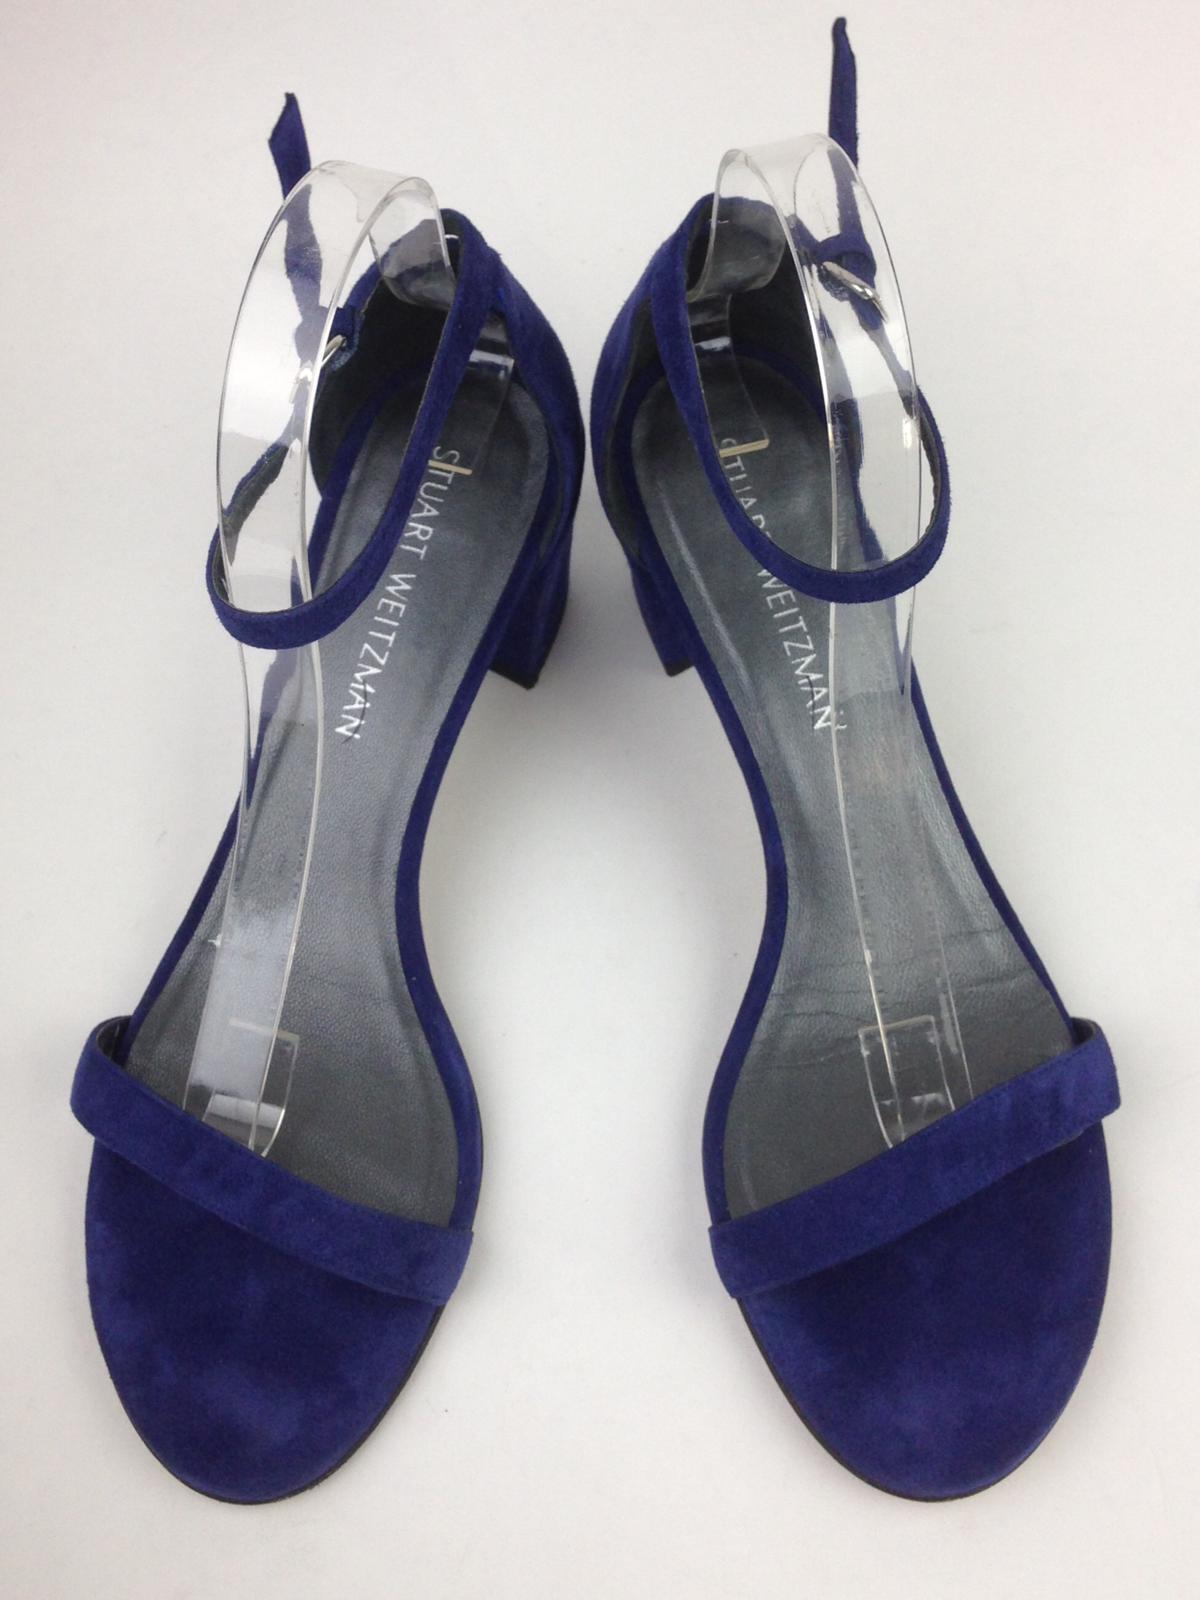 STUART WEITZMAN Simple Ankle Strap Sandal sz 9M